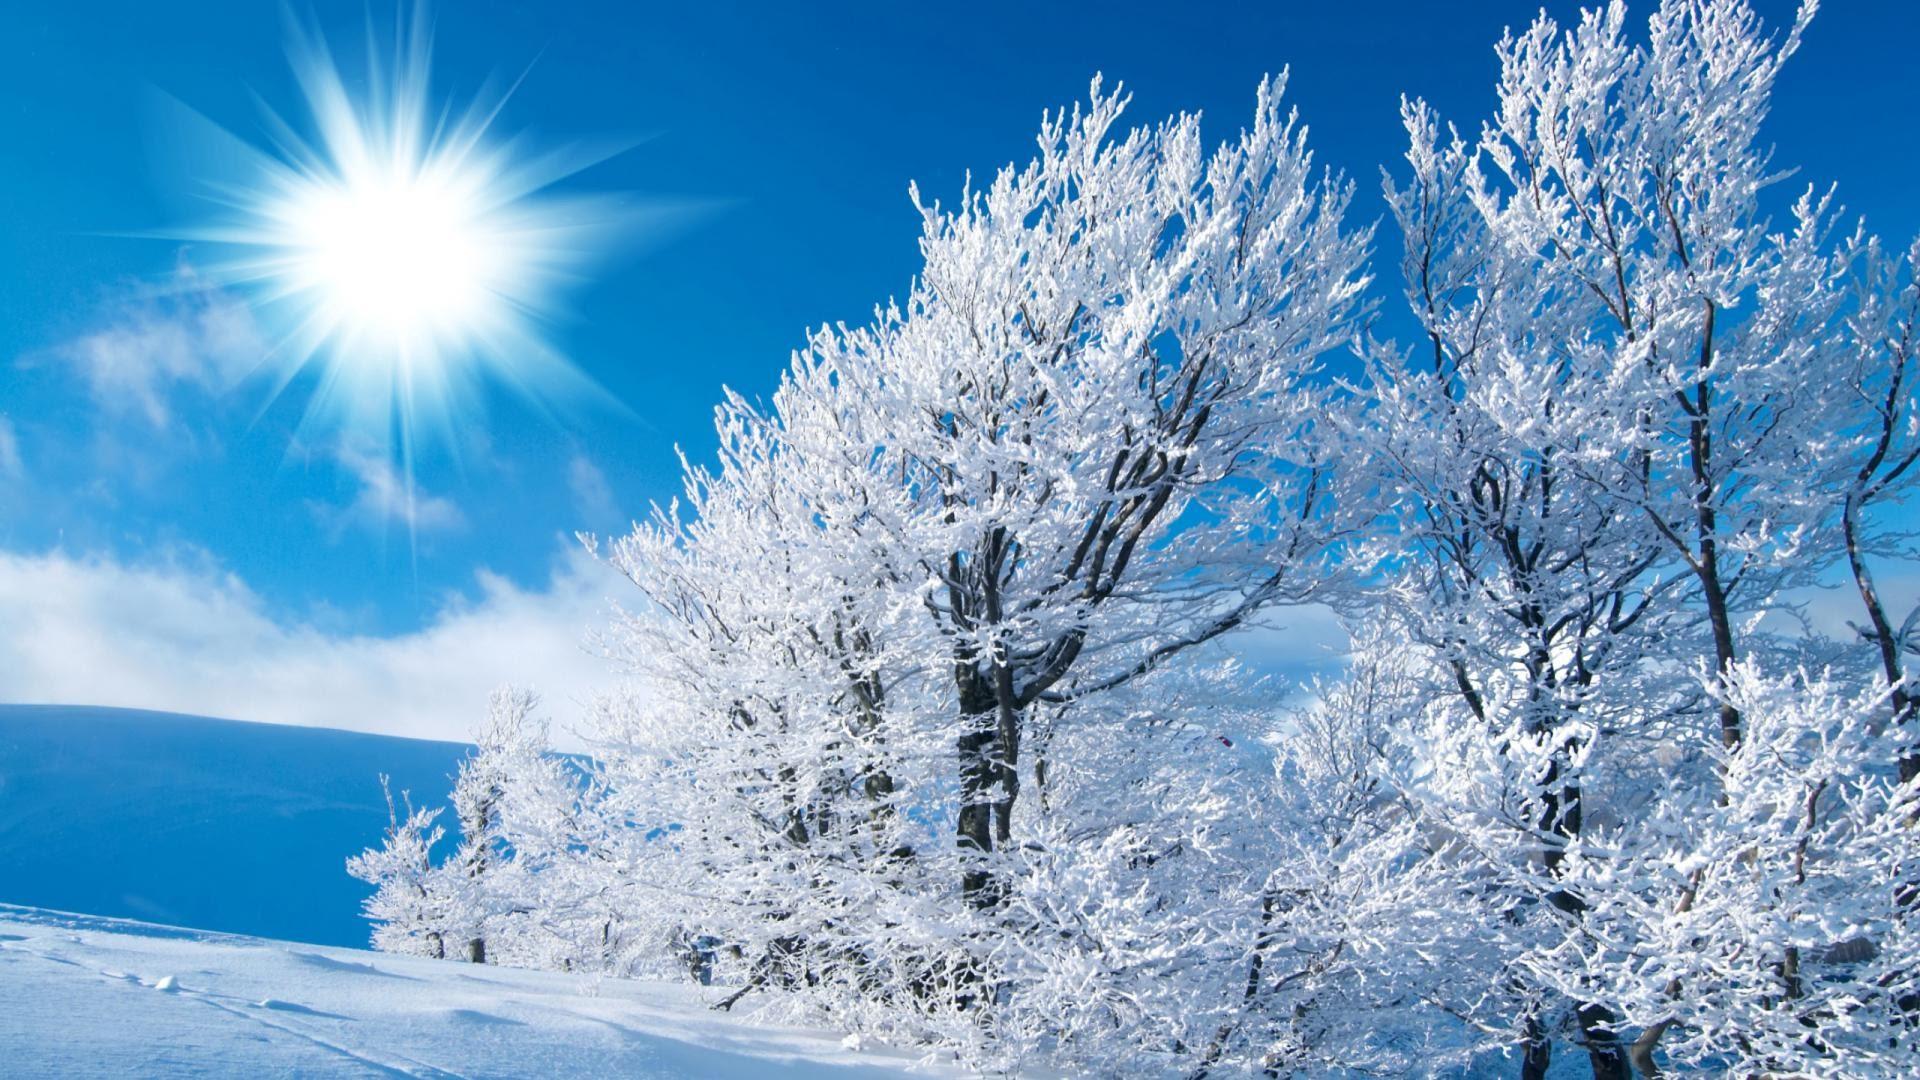 Winter Wonderland Scenes Wallpaper (38+ images)